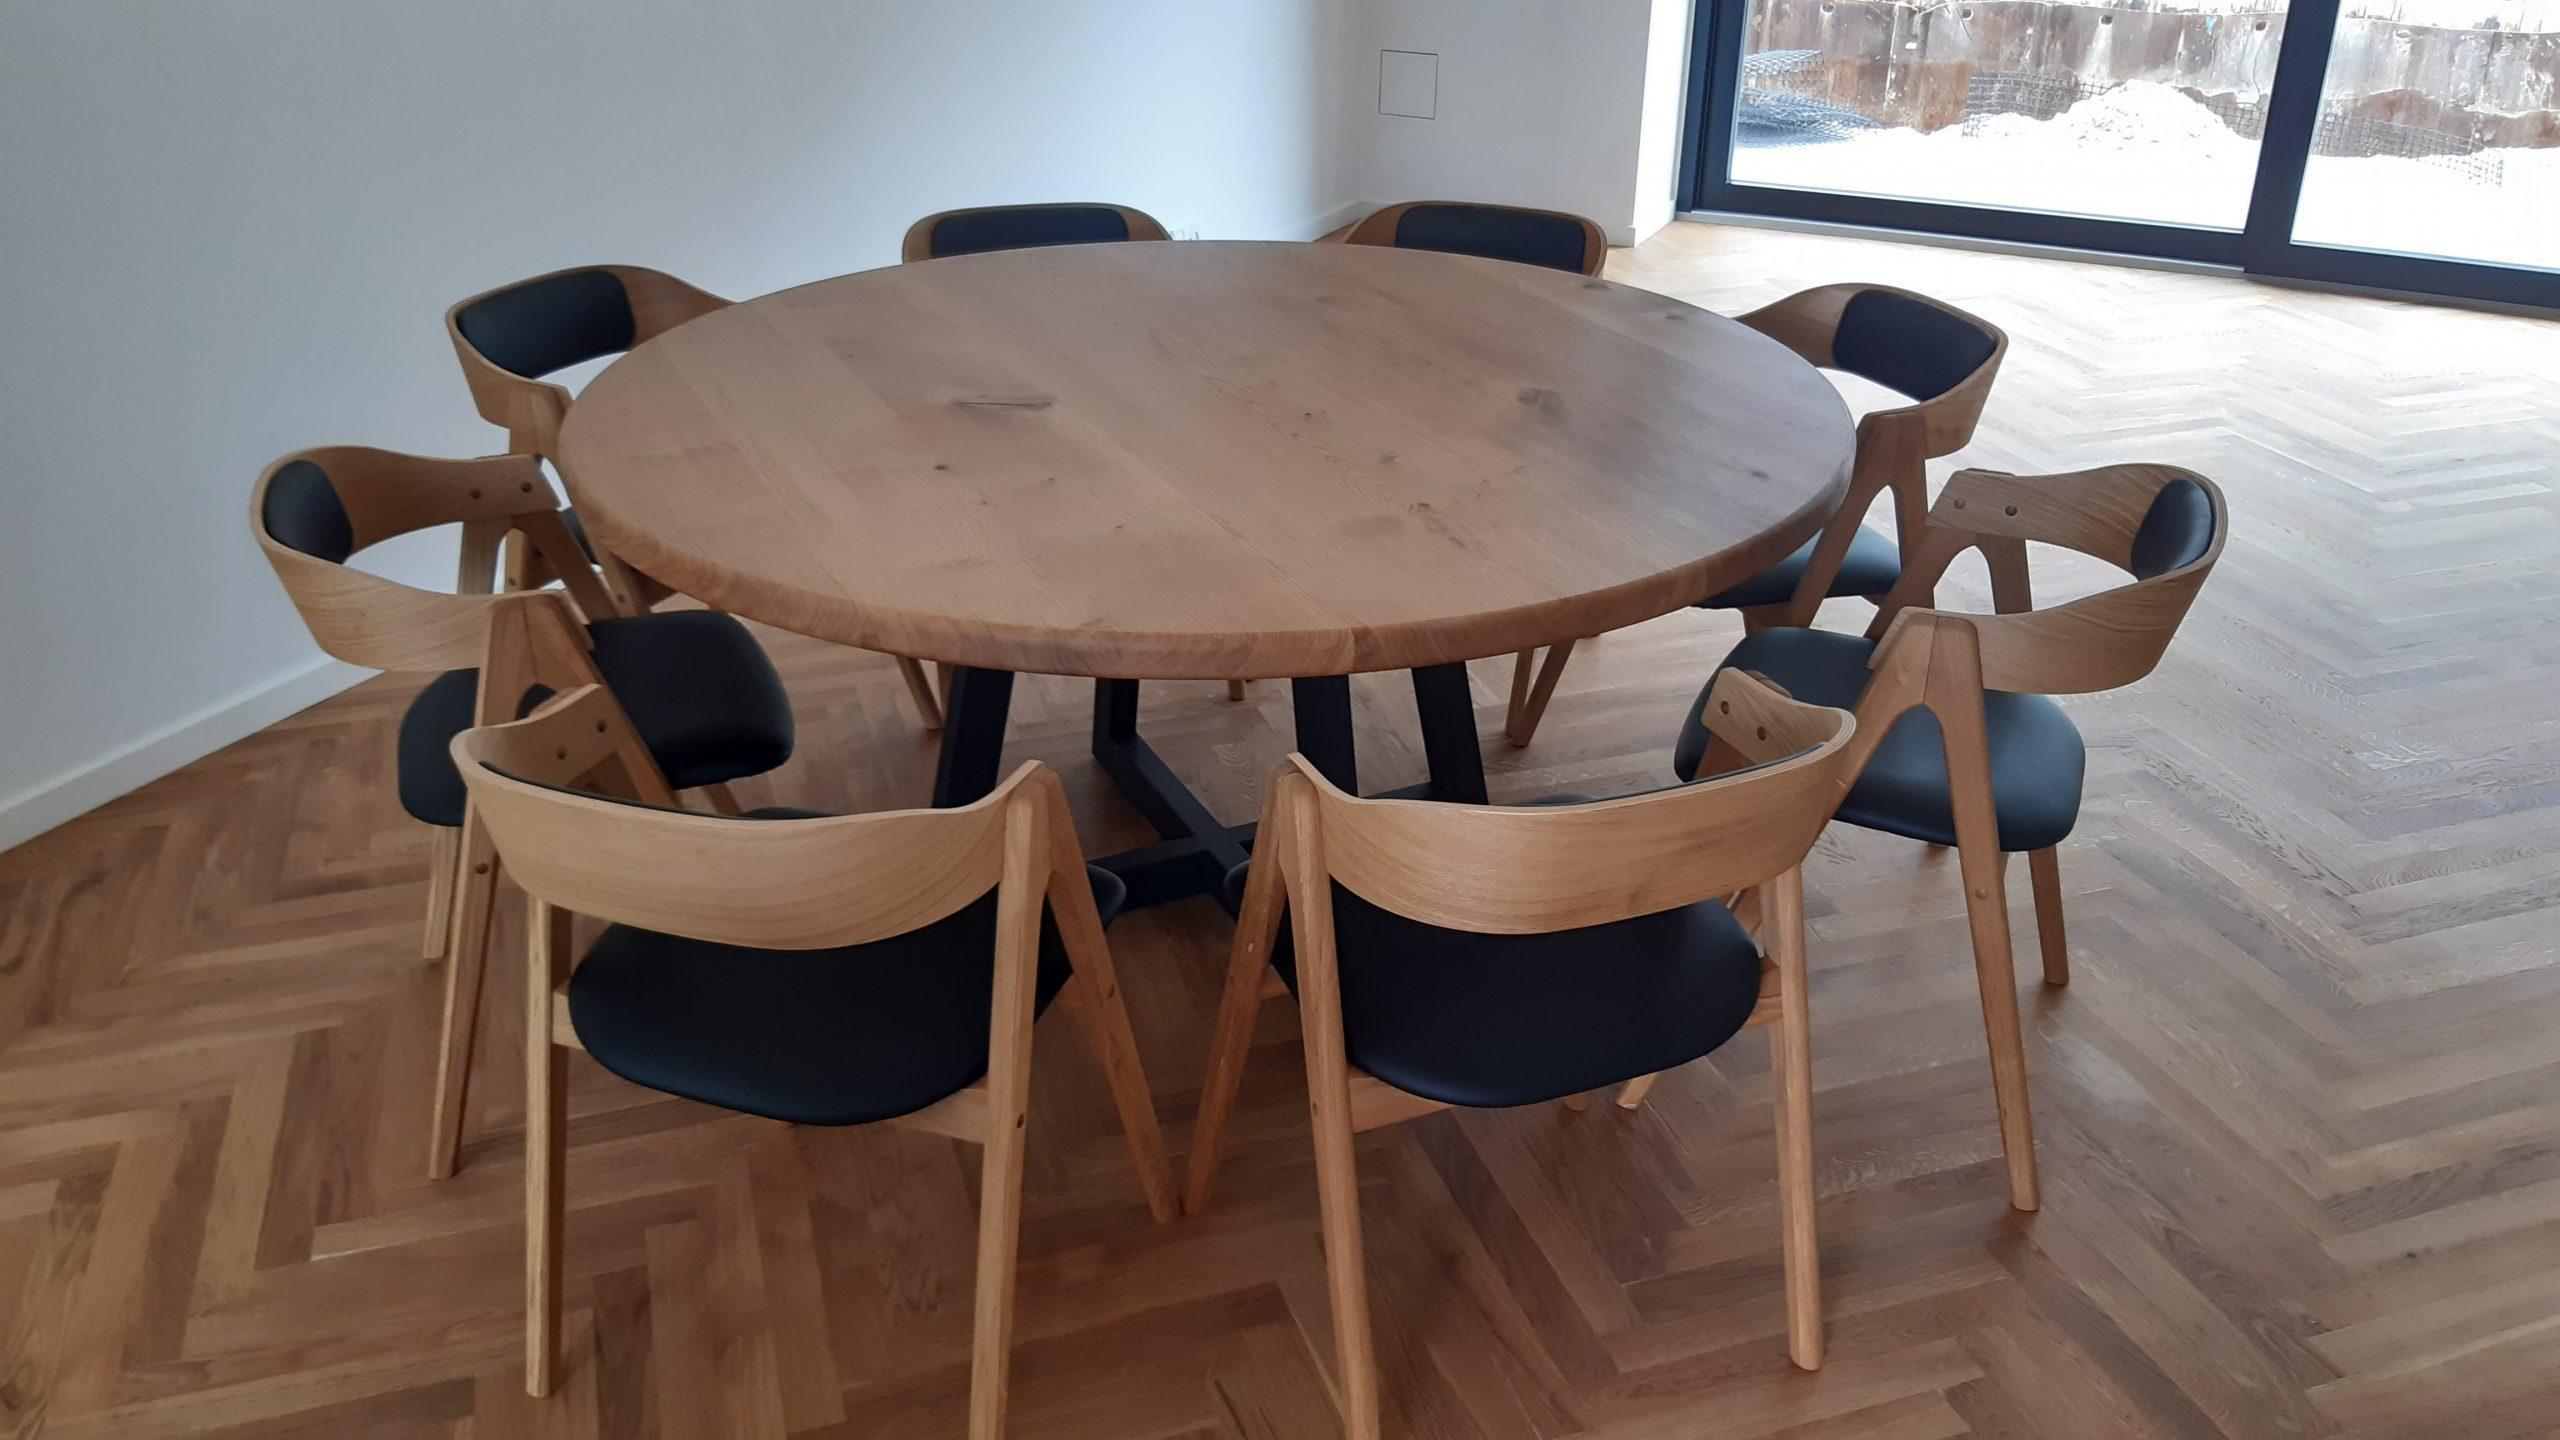 Rundt plankebord i egetrae 2021 kaerbygaard 2021 med udtryk og 2 tillaegsplader inkl mette spisebordsstole 2 scaled